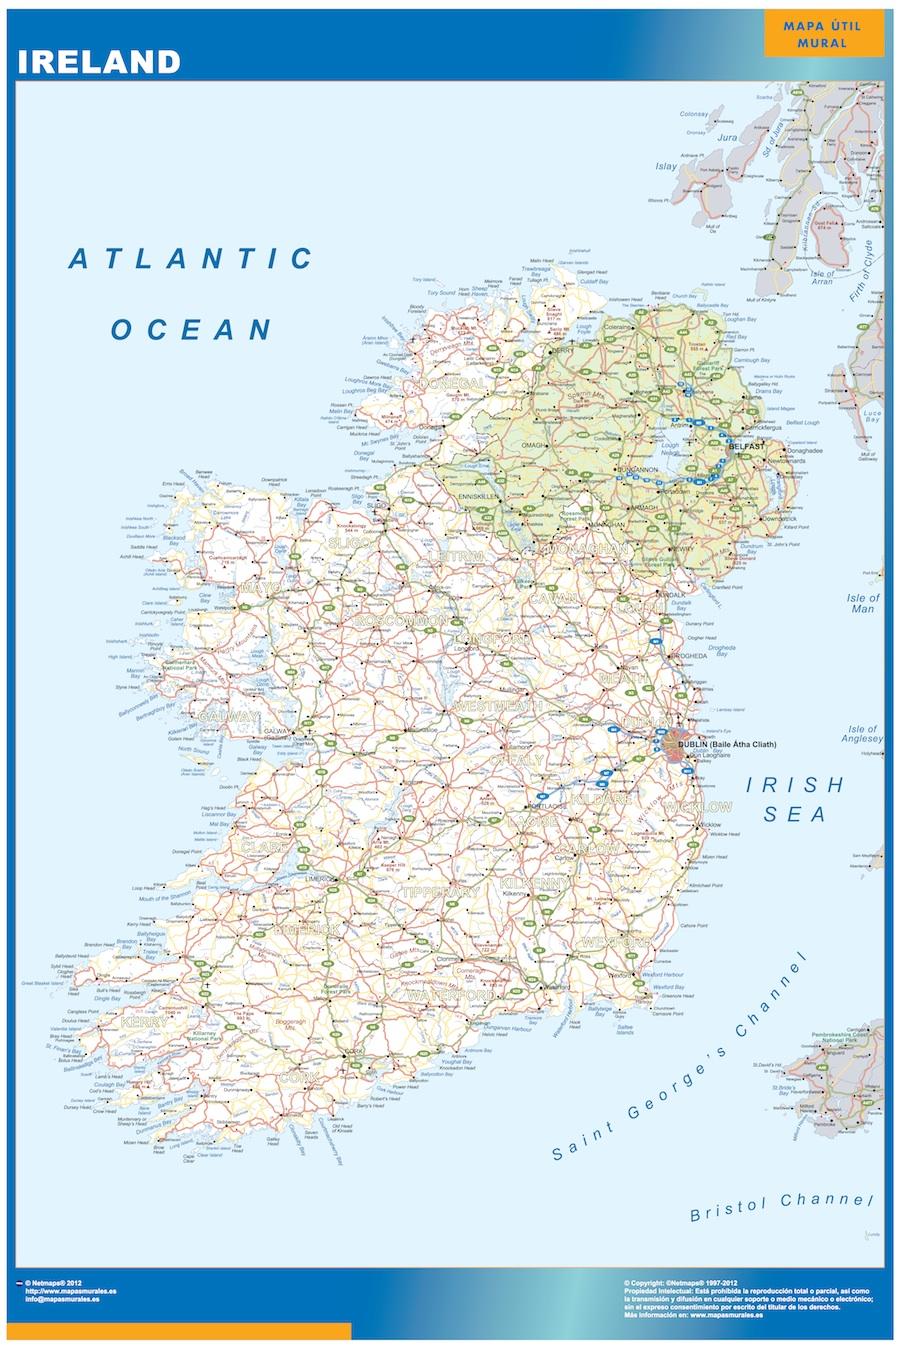 mapa magnético irlanda